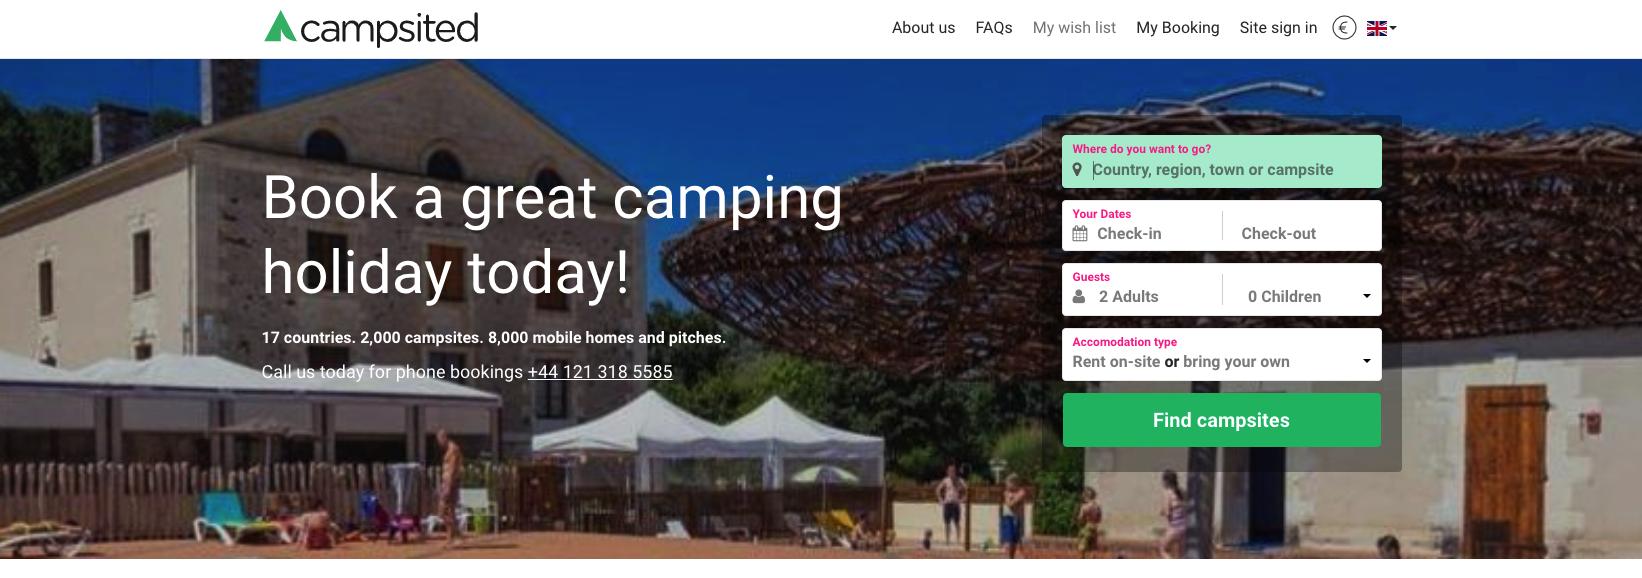 campsited